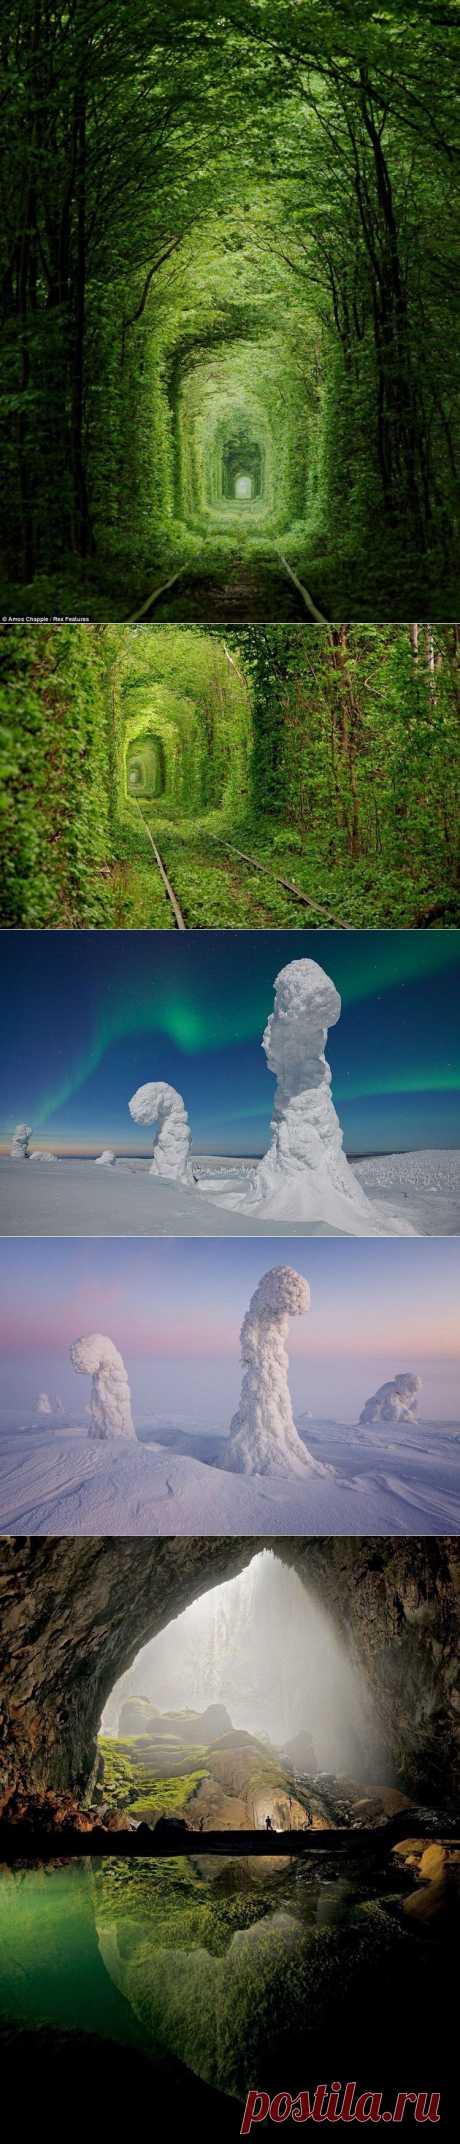 Самые необычные места на земле.